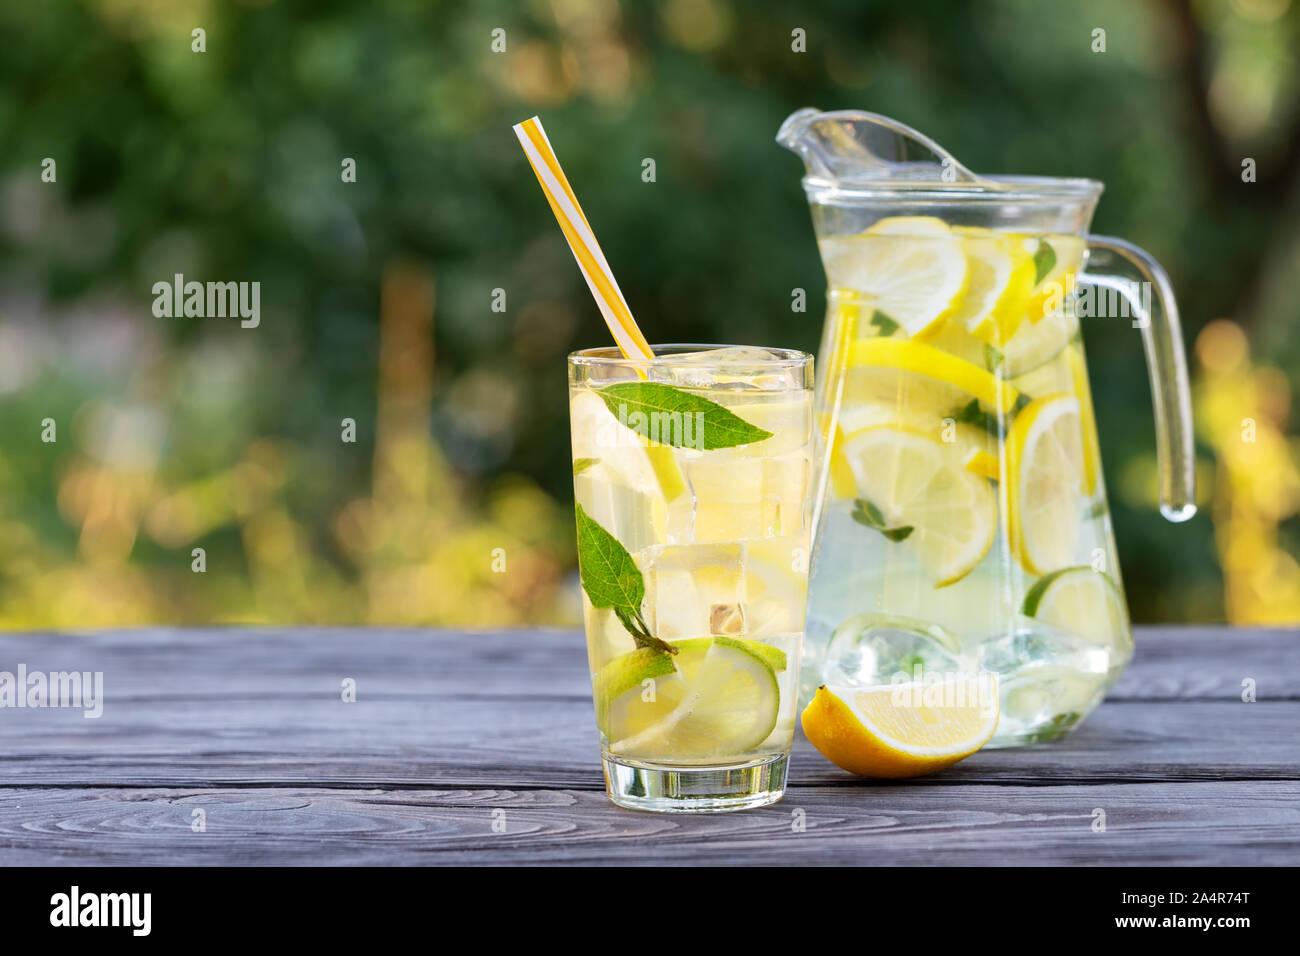 Verseuse en verre et de limonade et tranche de citron sur la table en bois. Fond vert naturel. Rafraîchissement d'été Banque D'Images